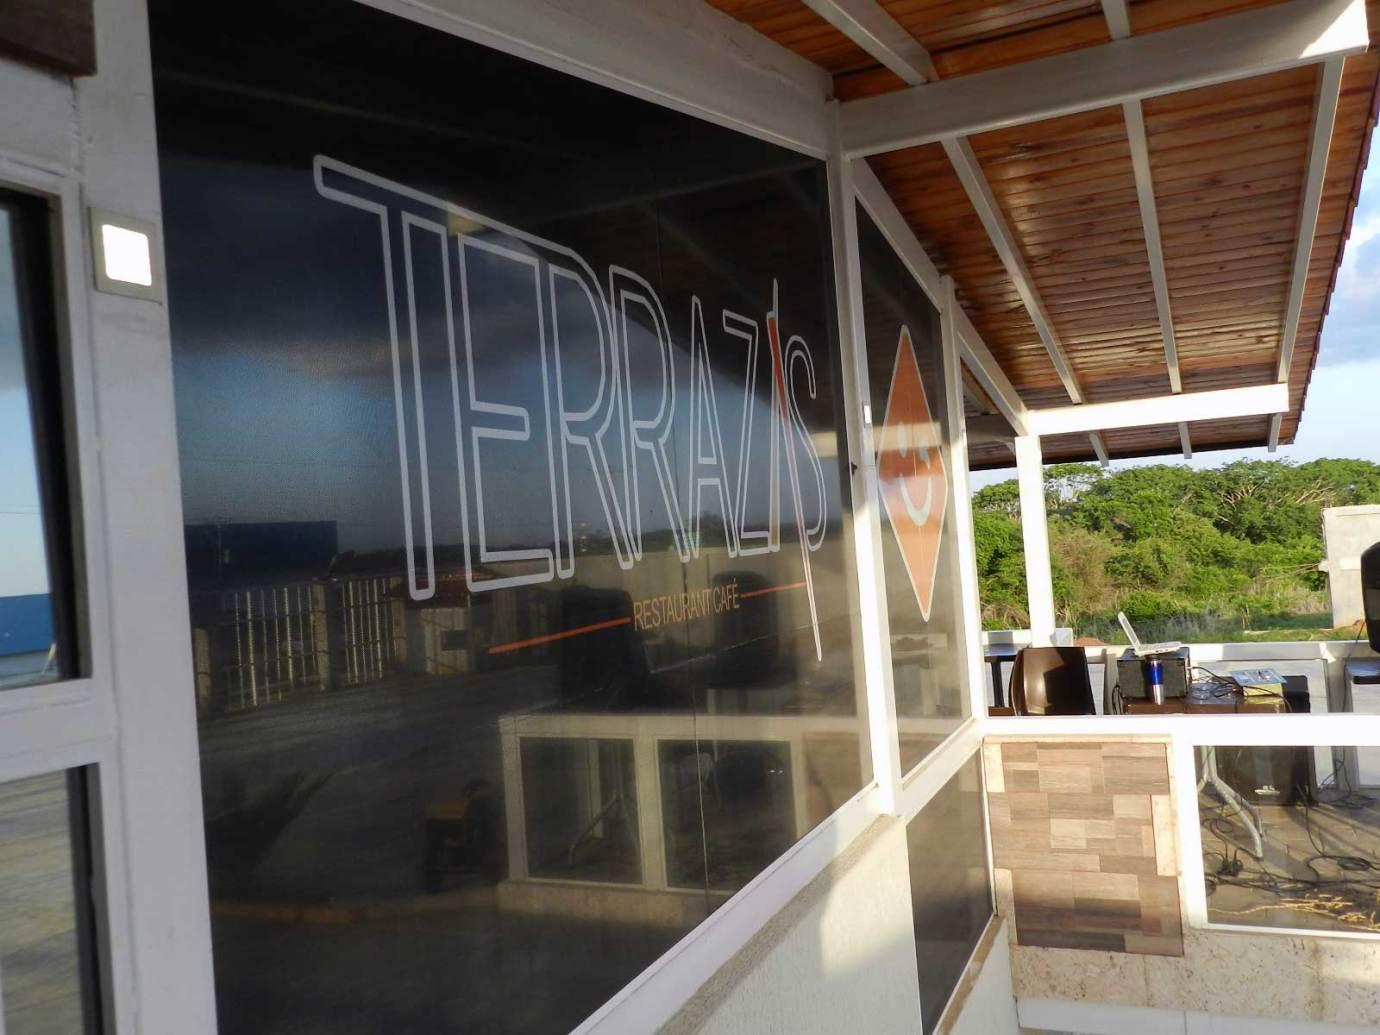 El encuentro fue en Terrazas Cafe.